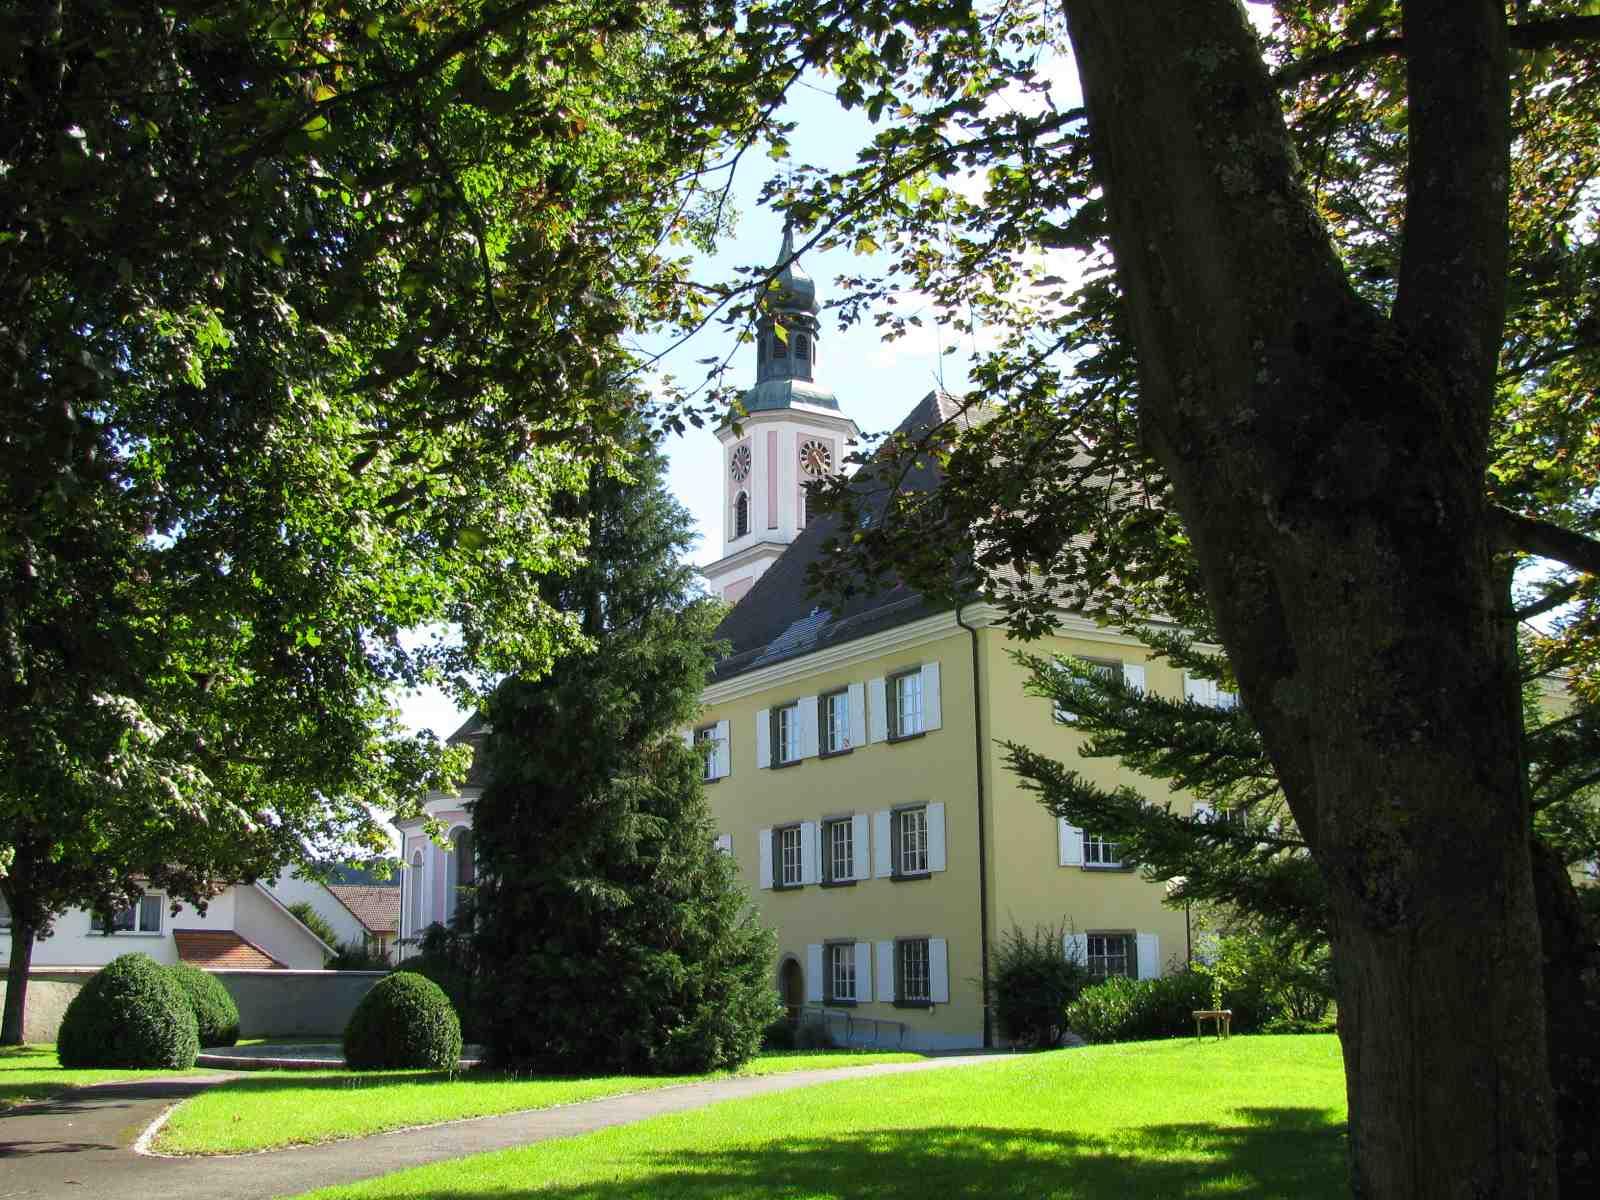 Kirche und Rathaus (von hinten) in Hilzingen